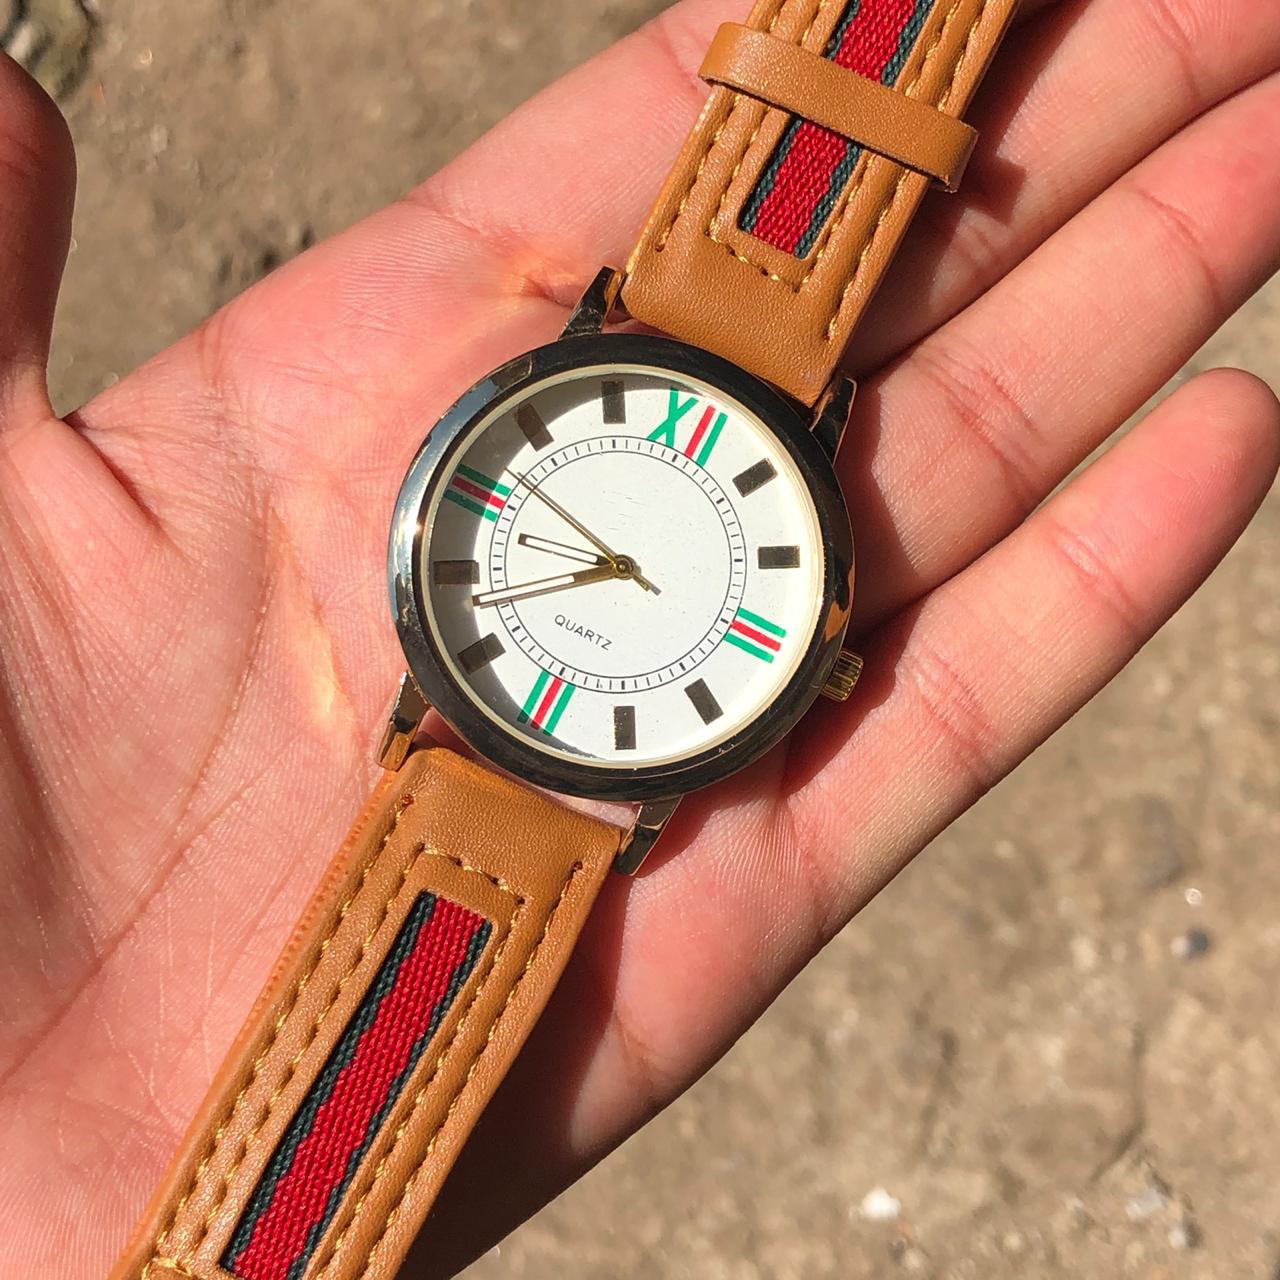 315277bfba1 Relógio Feminino Inspiração Gucci Pulseira de Couro Caramelo ...